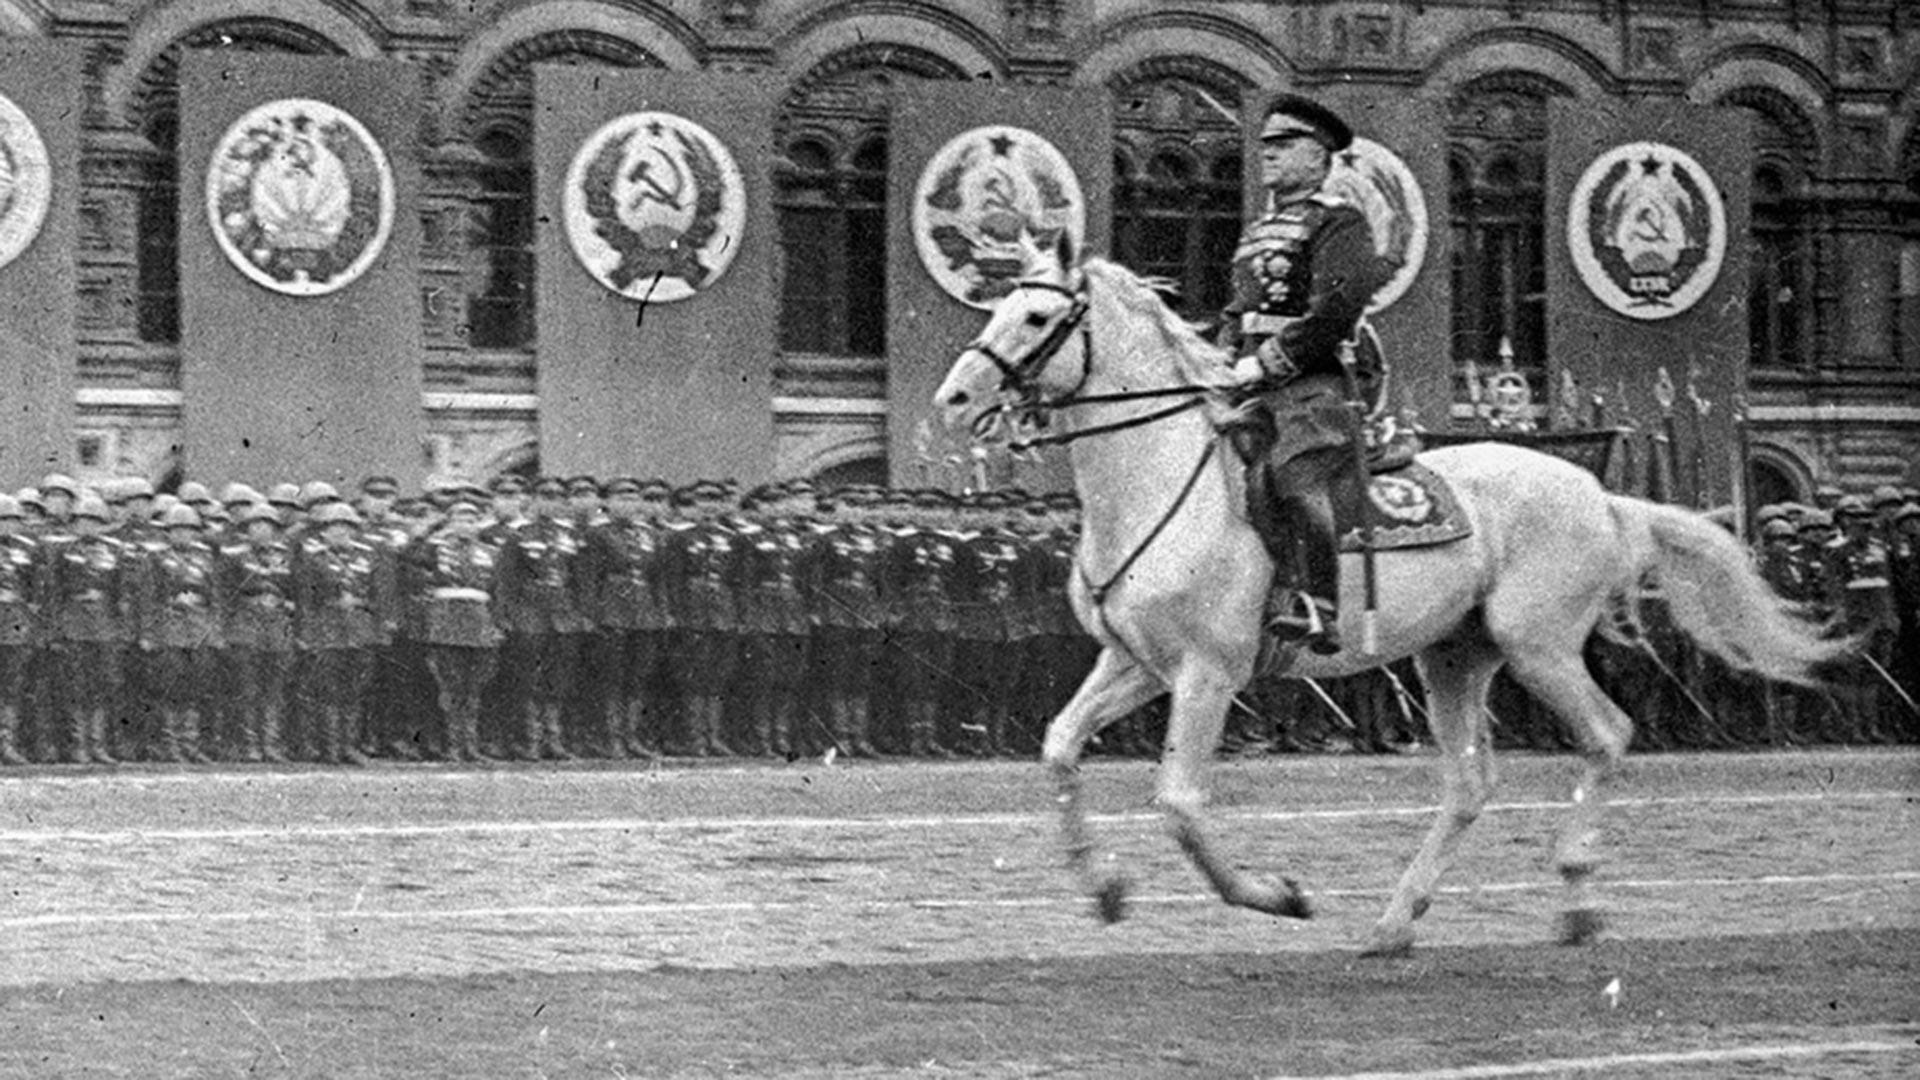 Zhukov menginspeksi persiapan Parade Kemenangan di Lapangan Merah, Moskow.